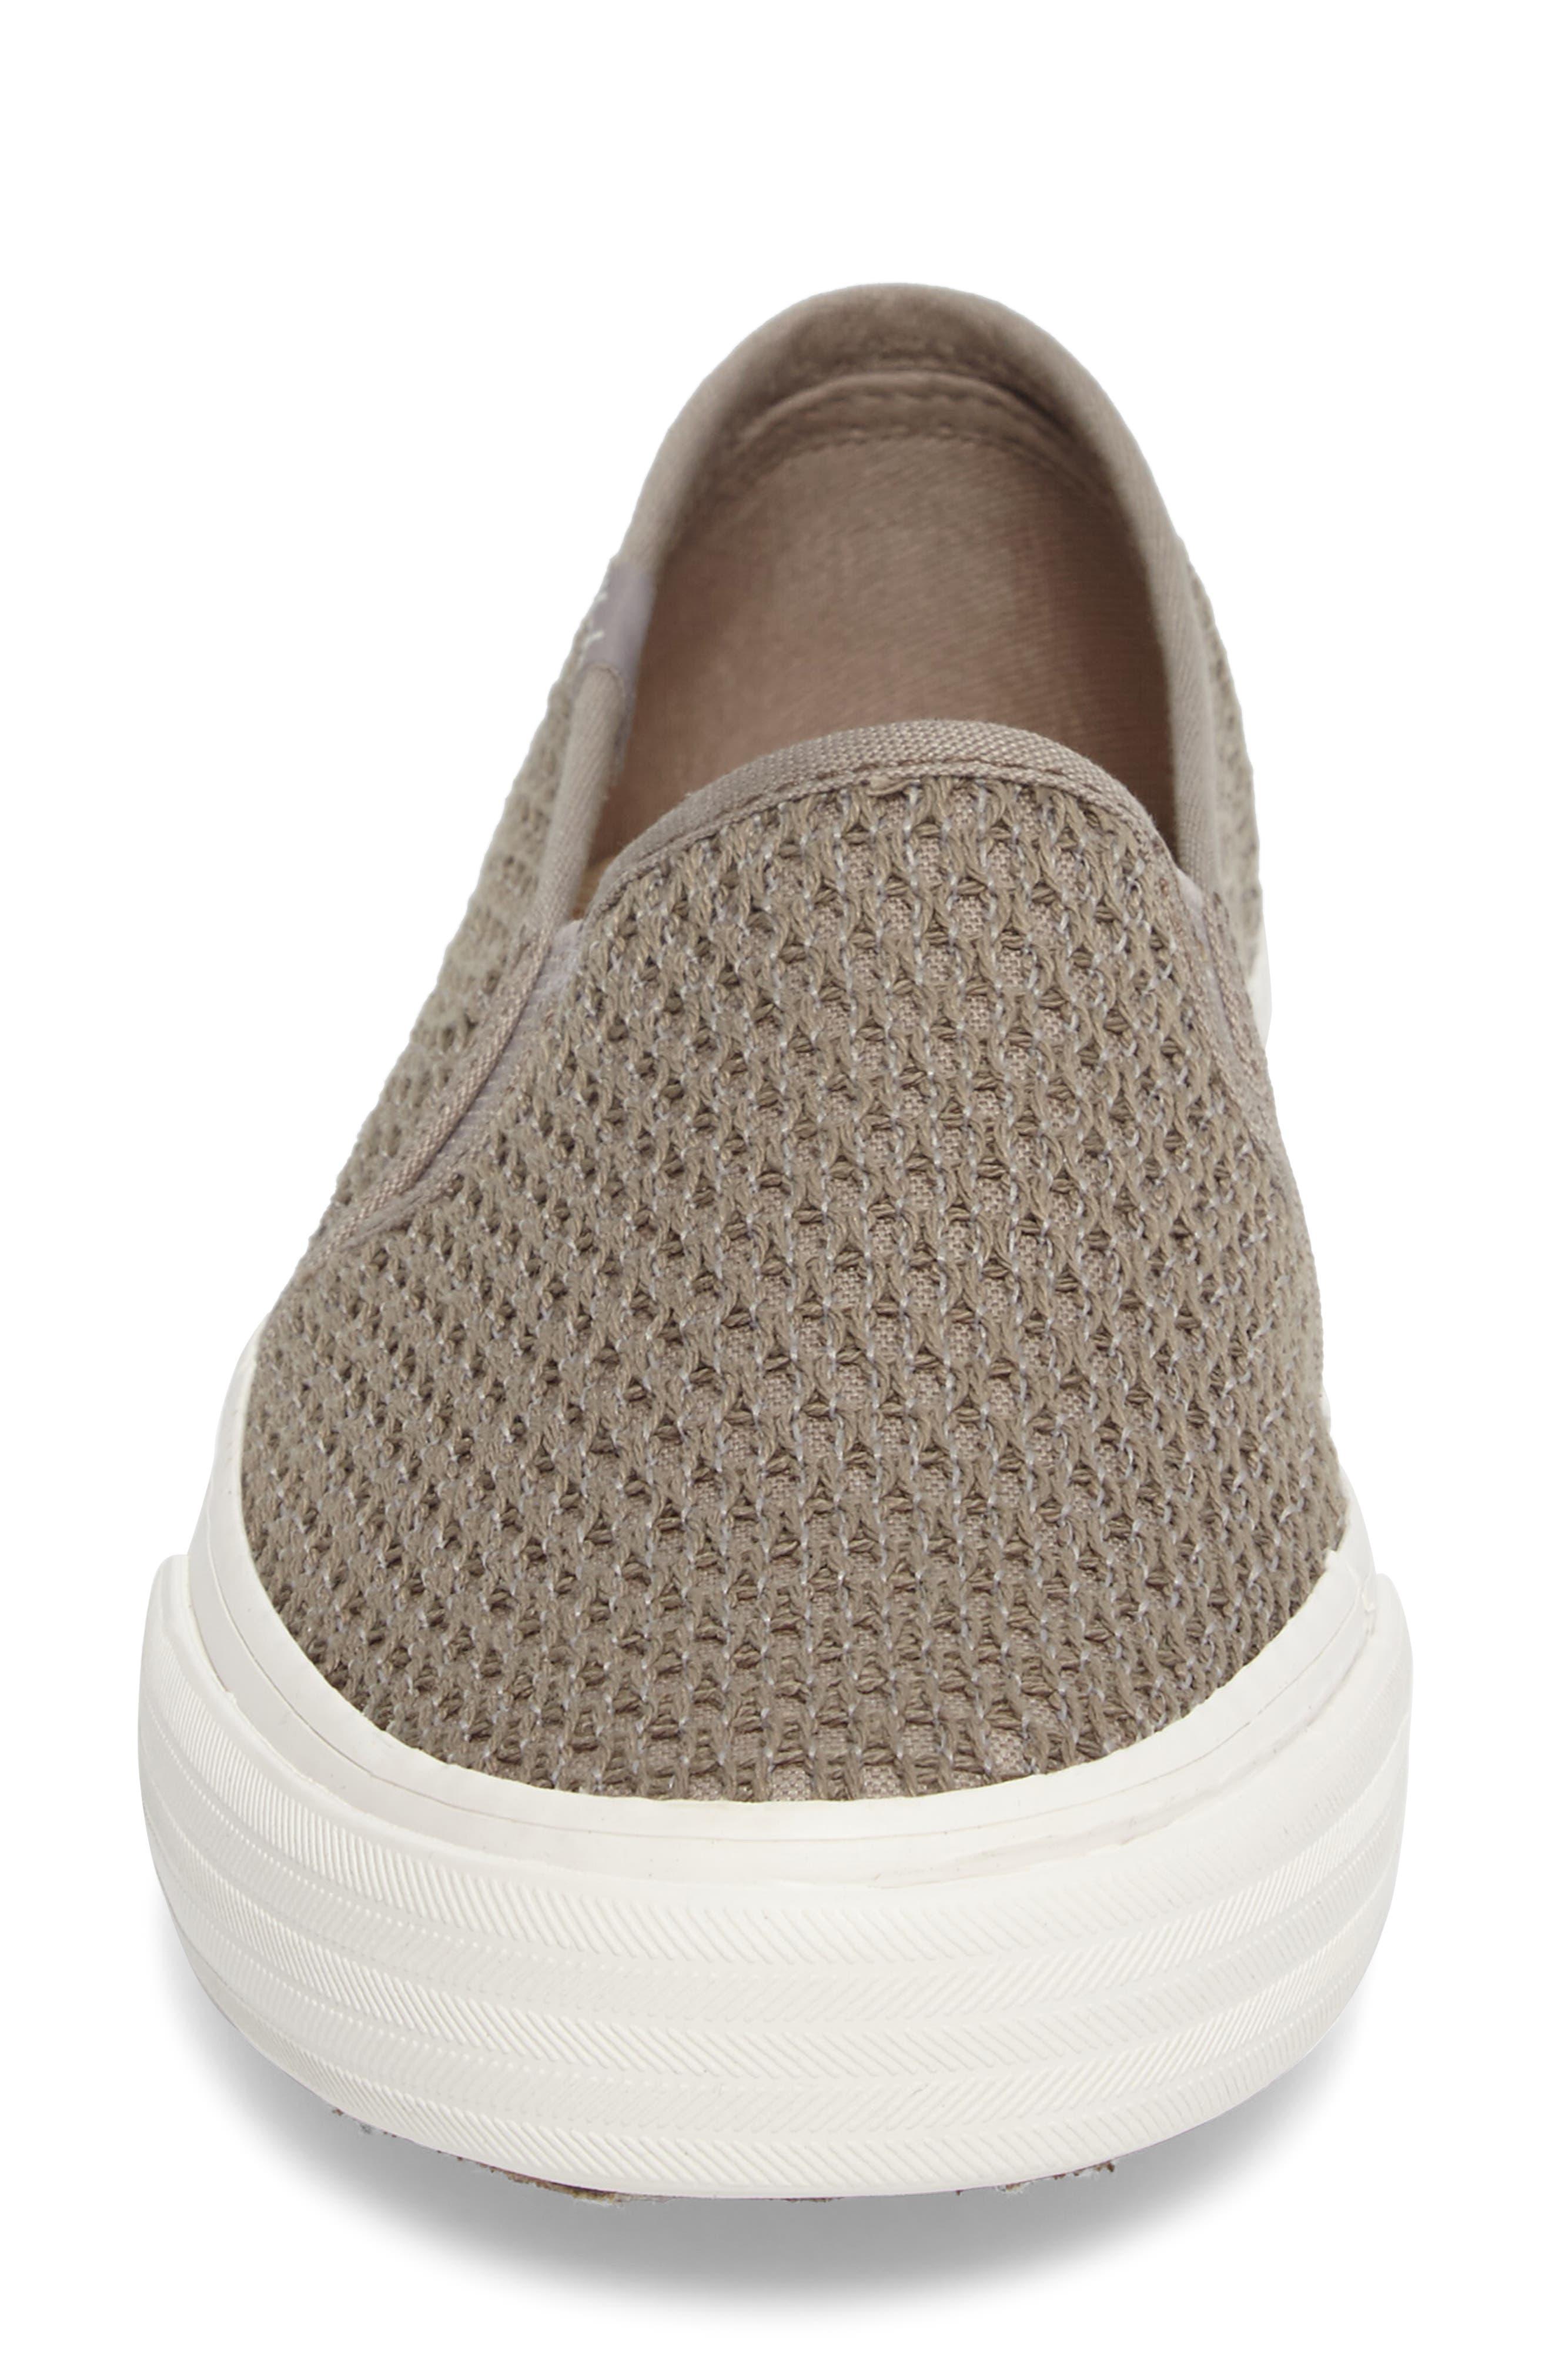 Double Decker Crochet Slip-On Sneaker,                             Alternate thumbnail 4, color,                             250